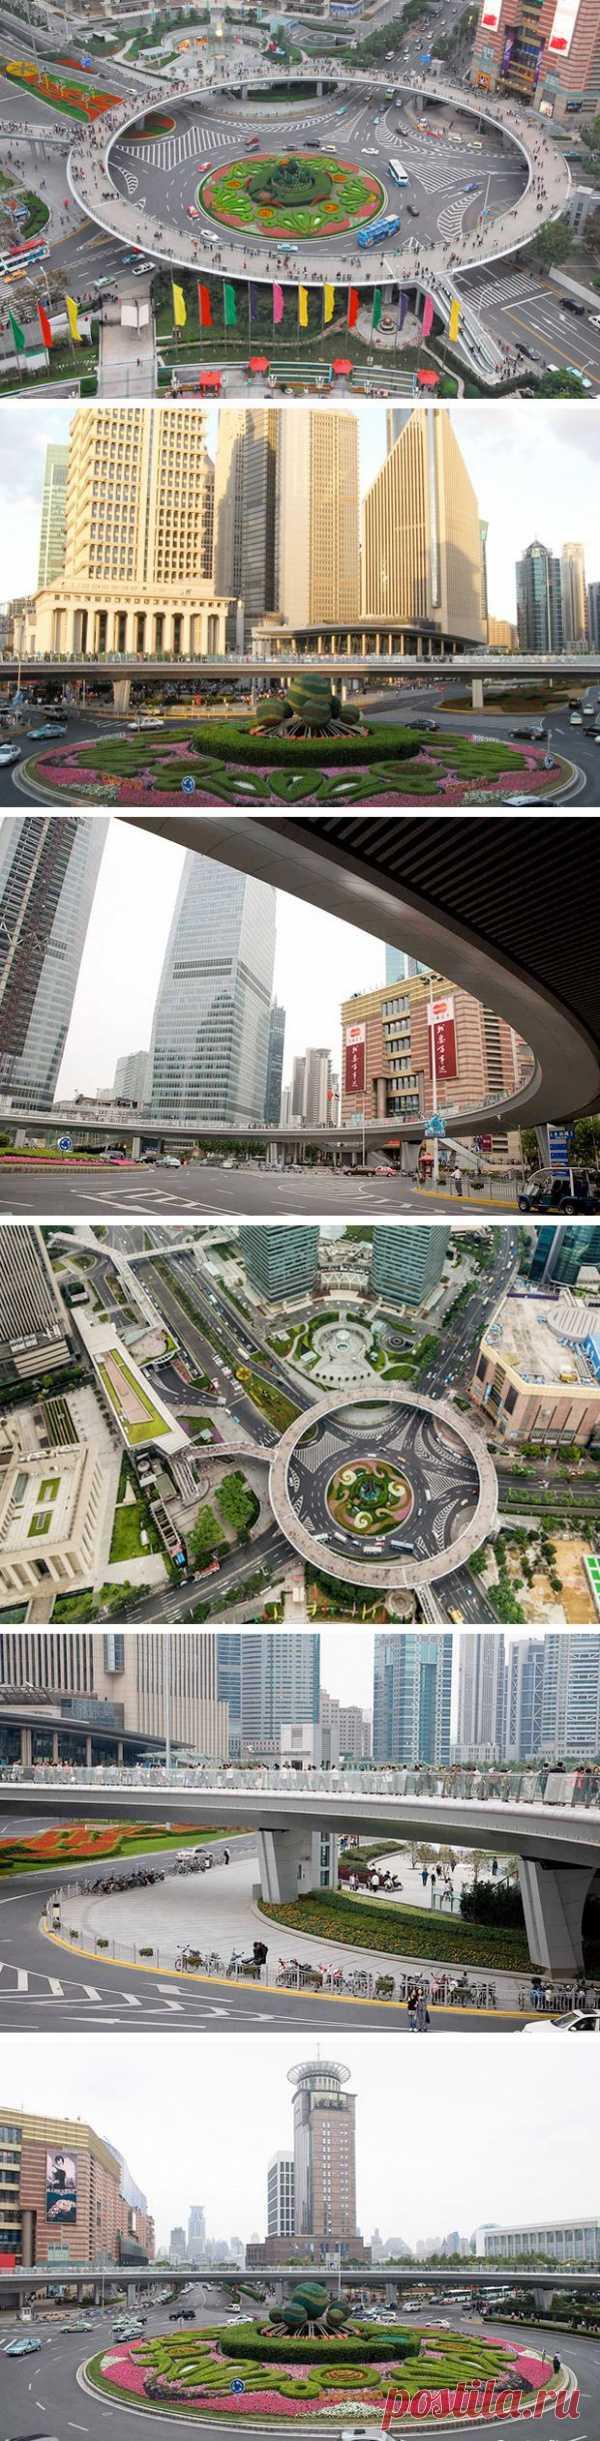 Круглый пешеходный мост в Шанхае, Китай